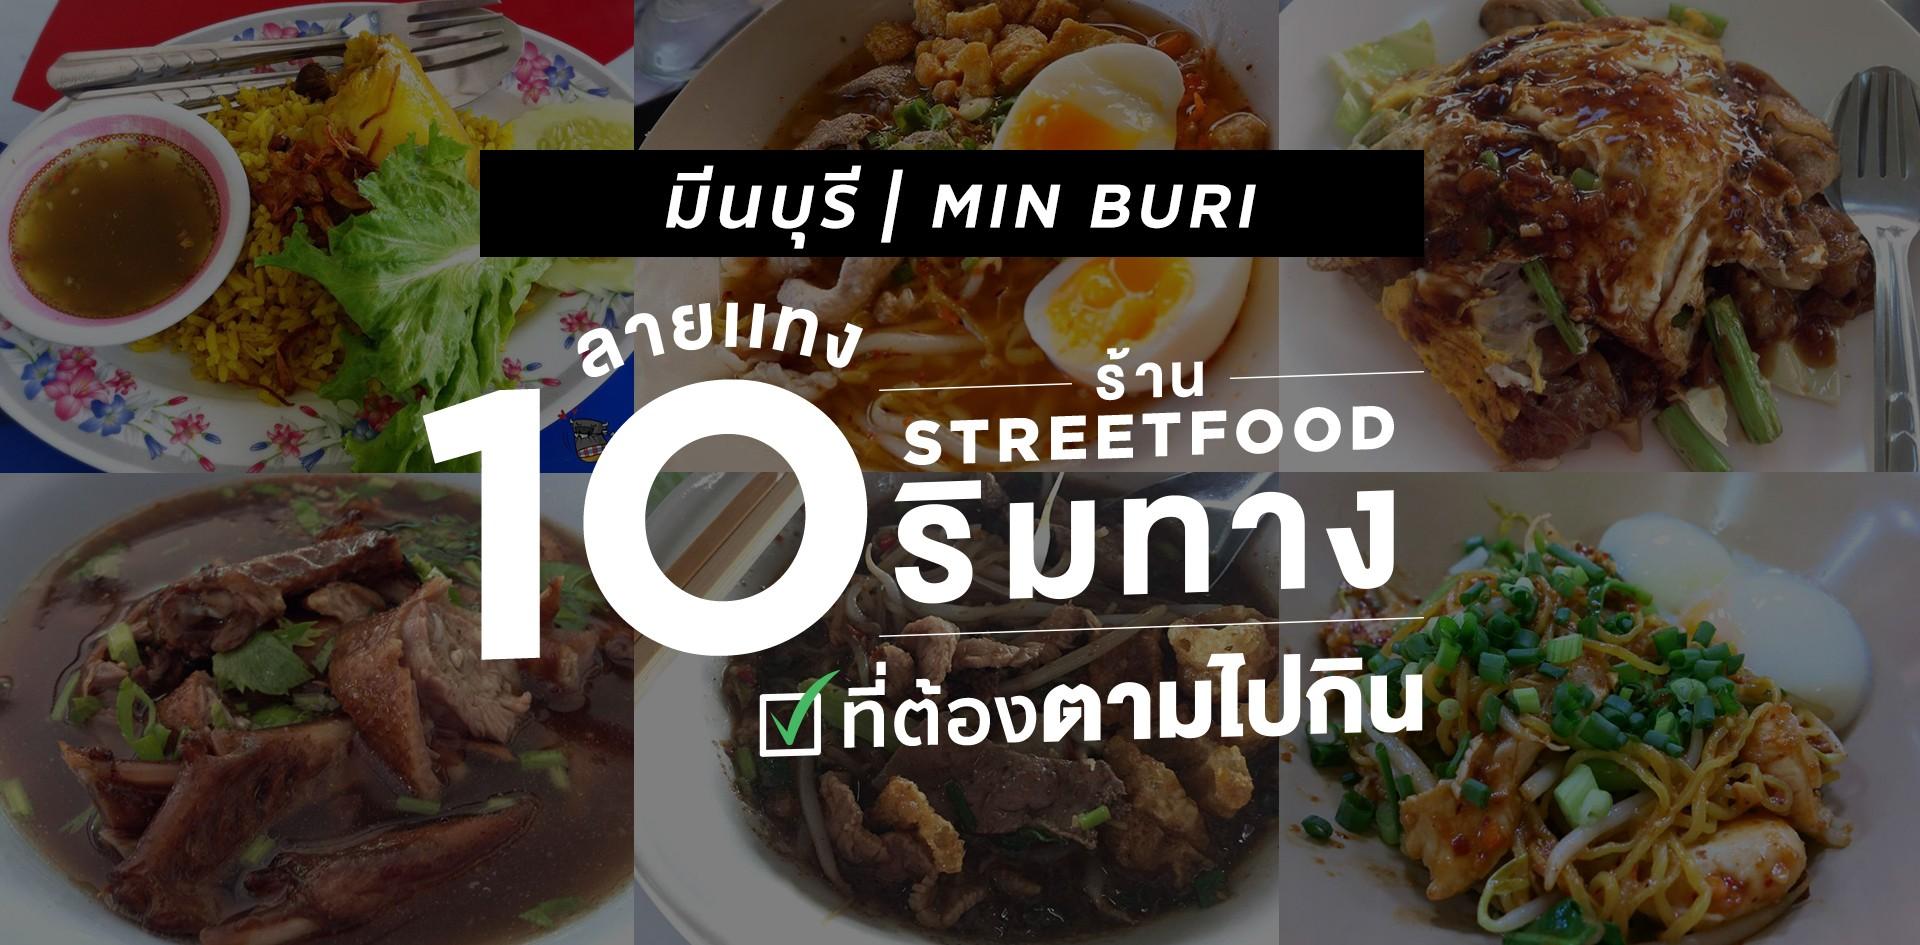 [มีนบุรี] ลายแทง 10 ร้าน street food ริมทาง ที่ต้องตามไปกิน